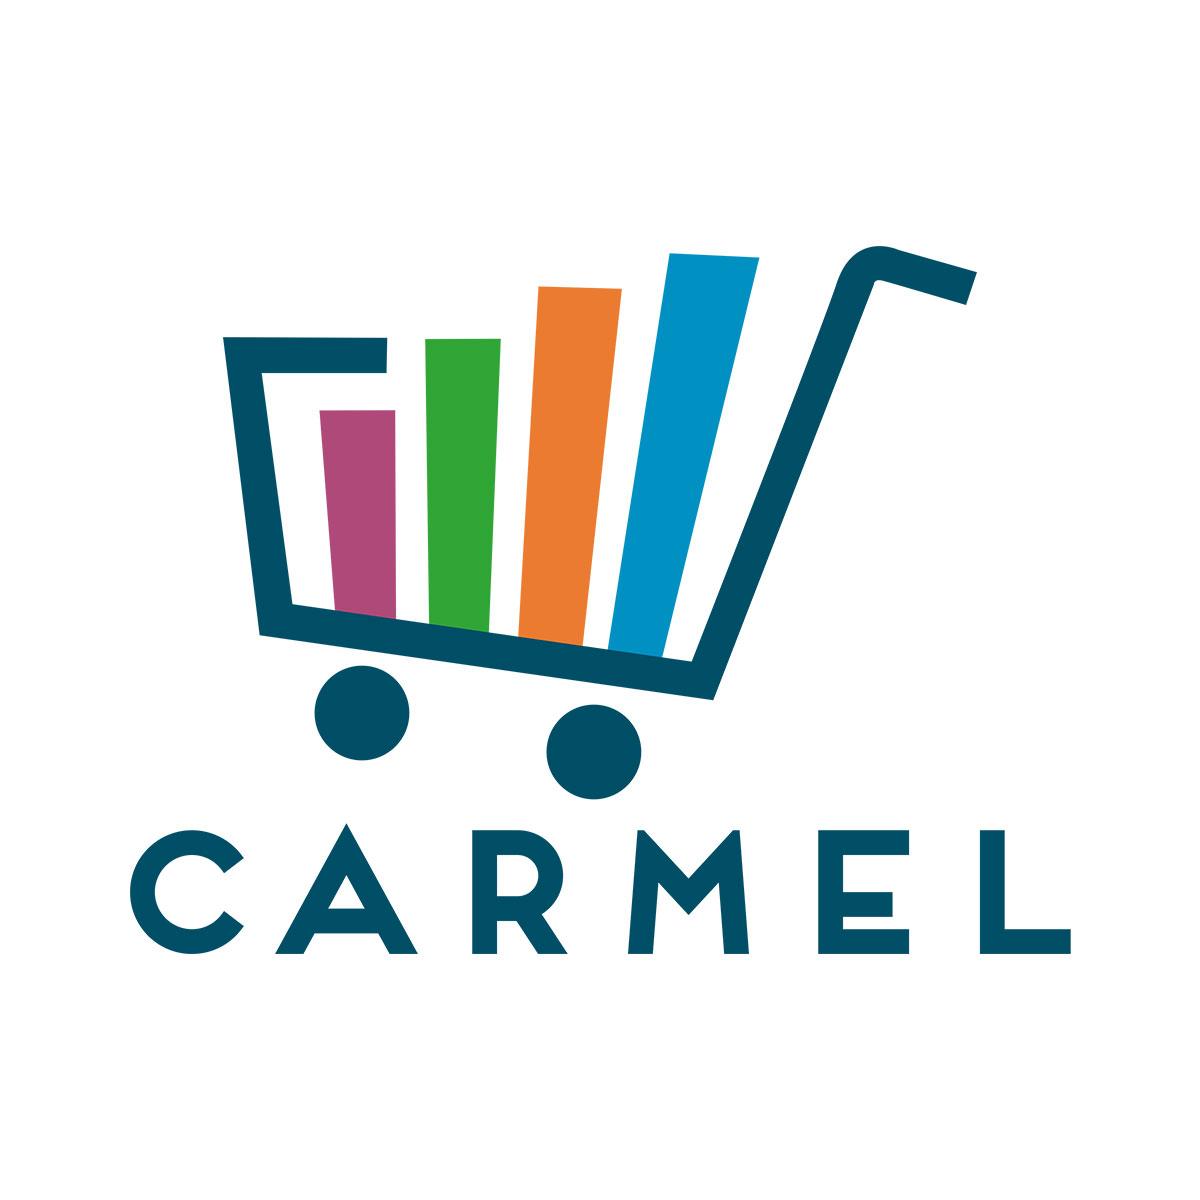 Moedor De Carnes Mbi-22 1,0 Cv - Becker  - Carmel Equipamentos